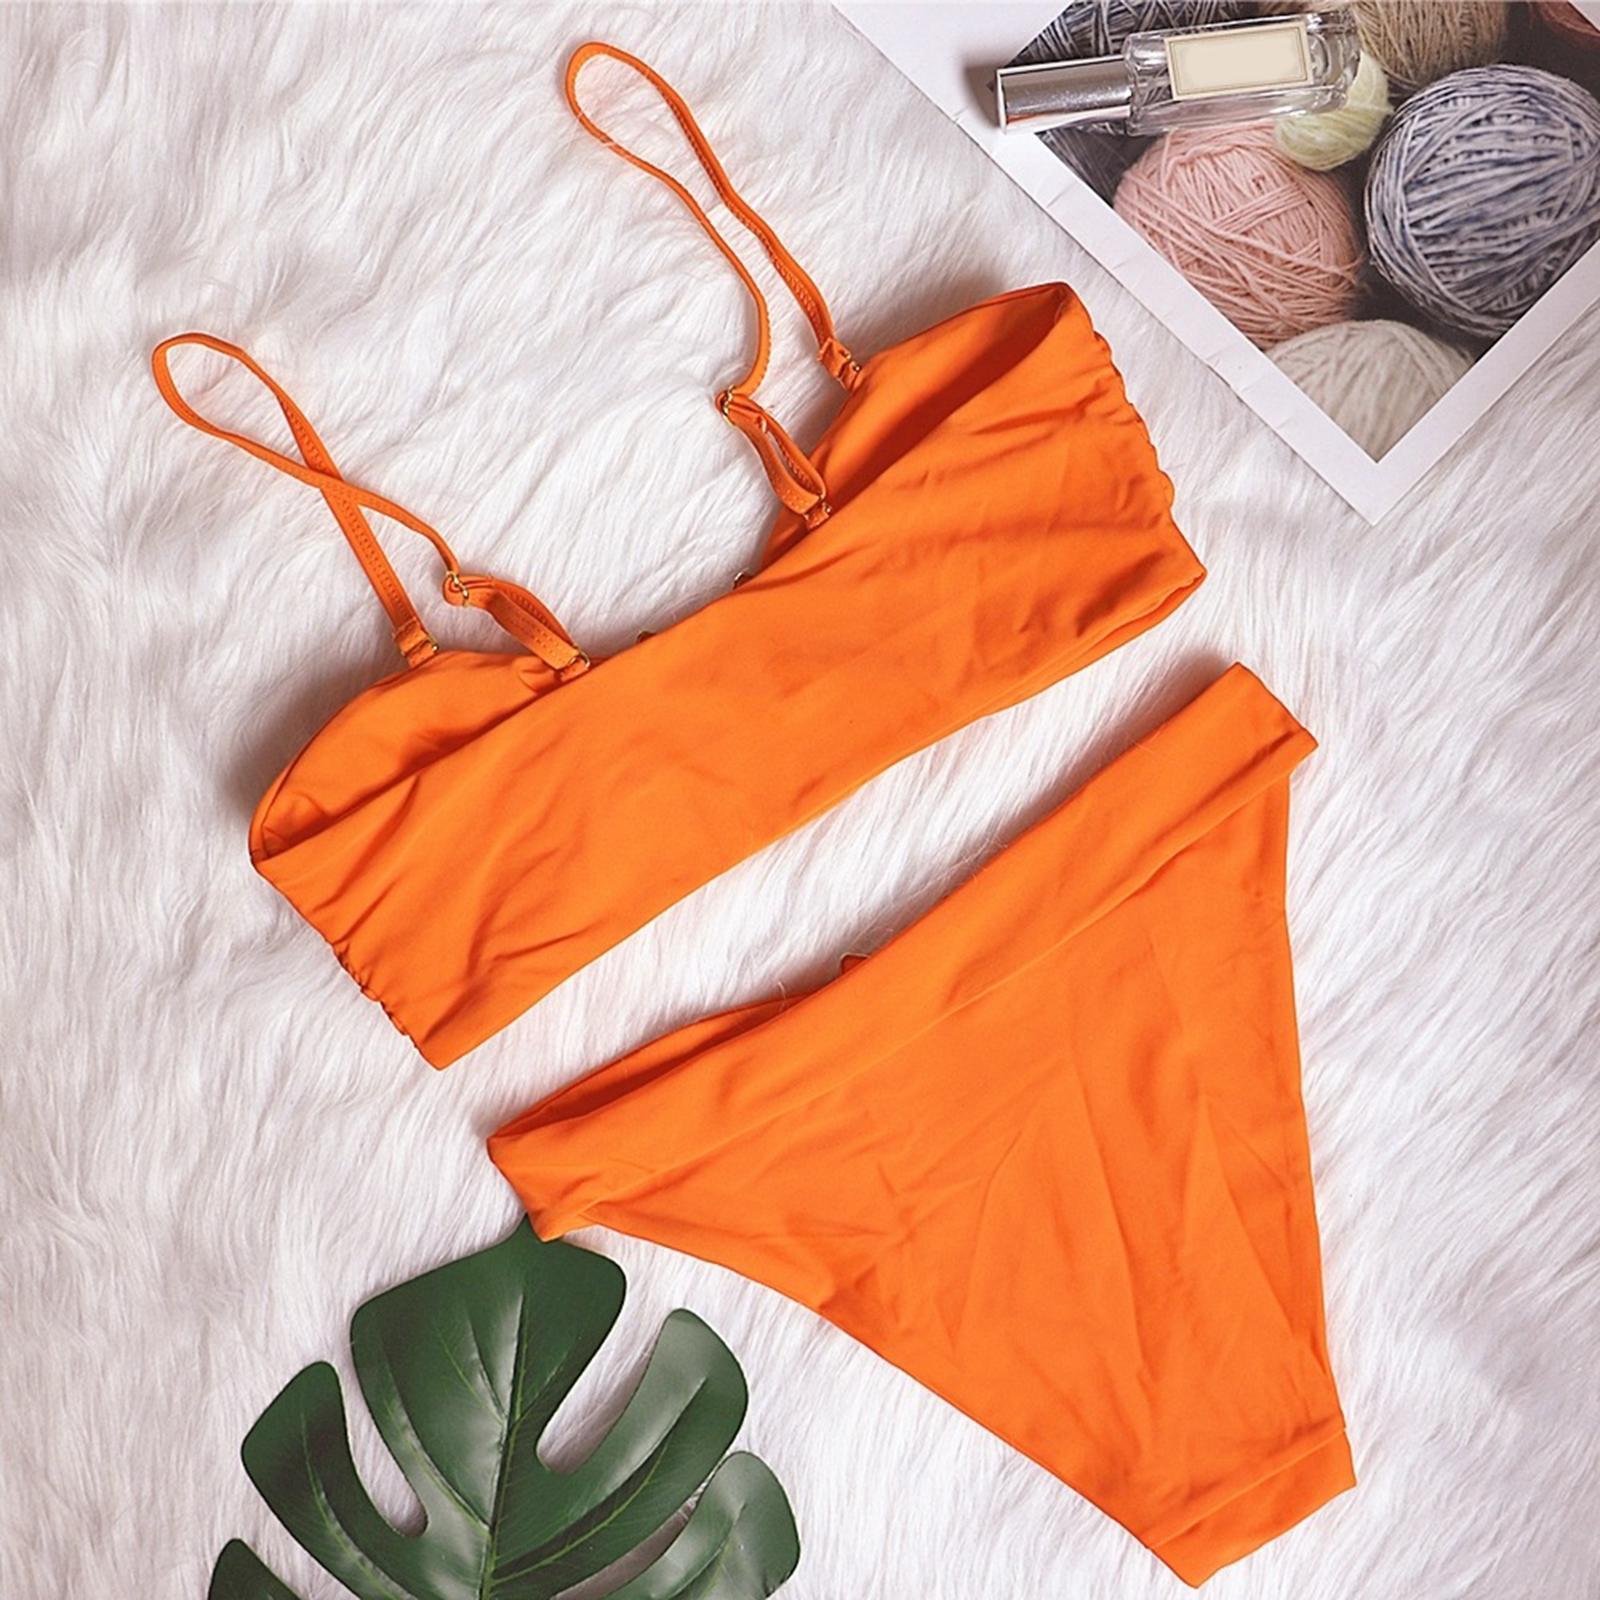 Indexbild 79 - Zwei Stücke Bikini Set Strappy Bademode Party Badeanzug Tankini Bademode